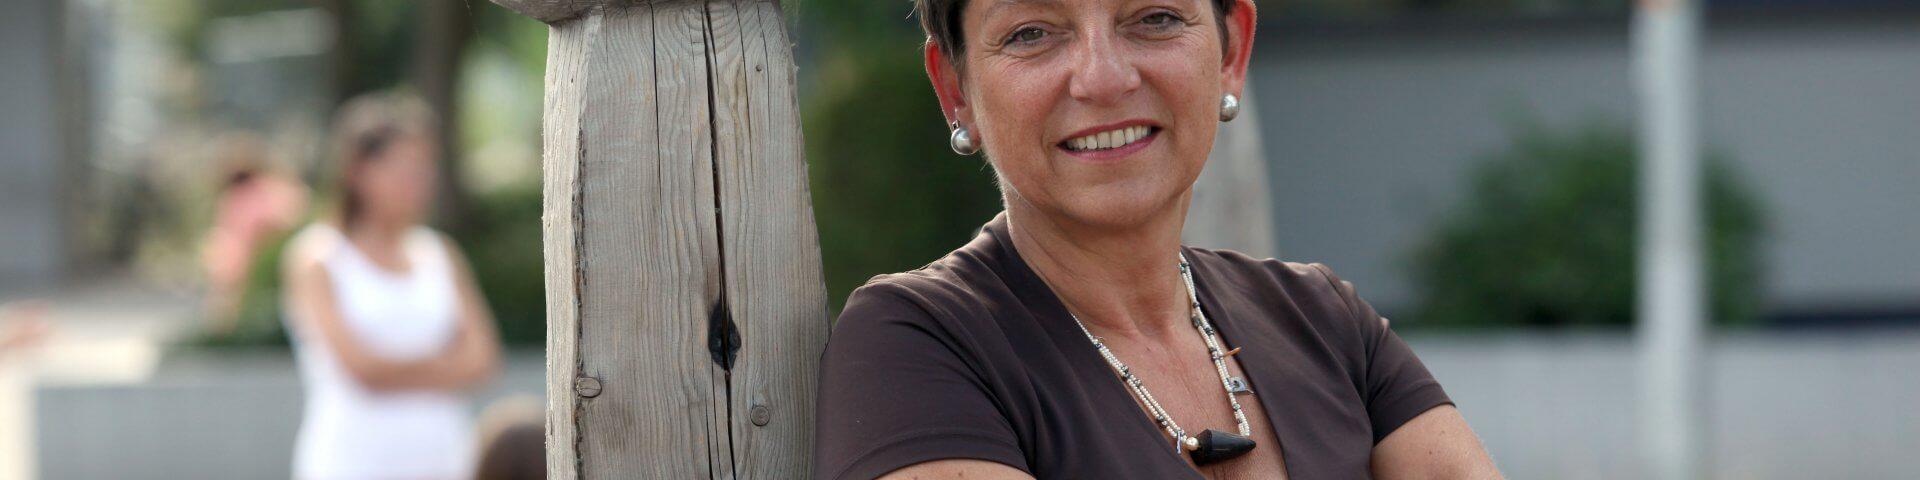 Perfektionismus Dr. Christine Altstötter-Gleich